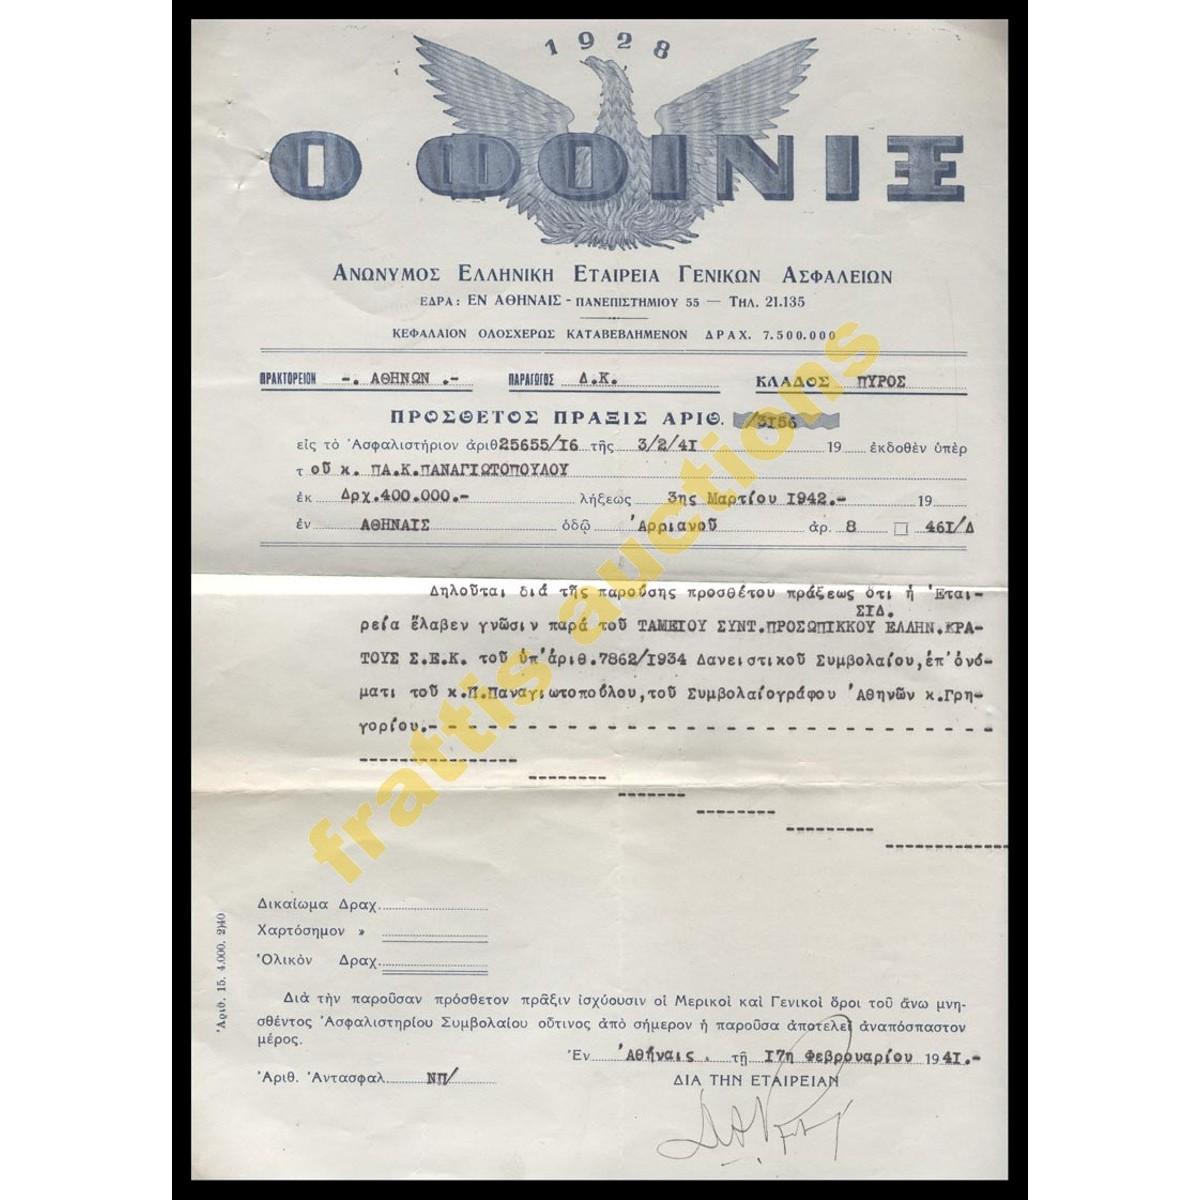 Ο ΦΟΙΝΙΞ εταιρεία γεν. ασφαλειών, 1941.